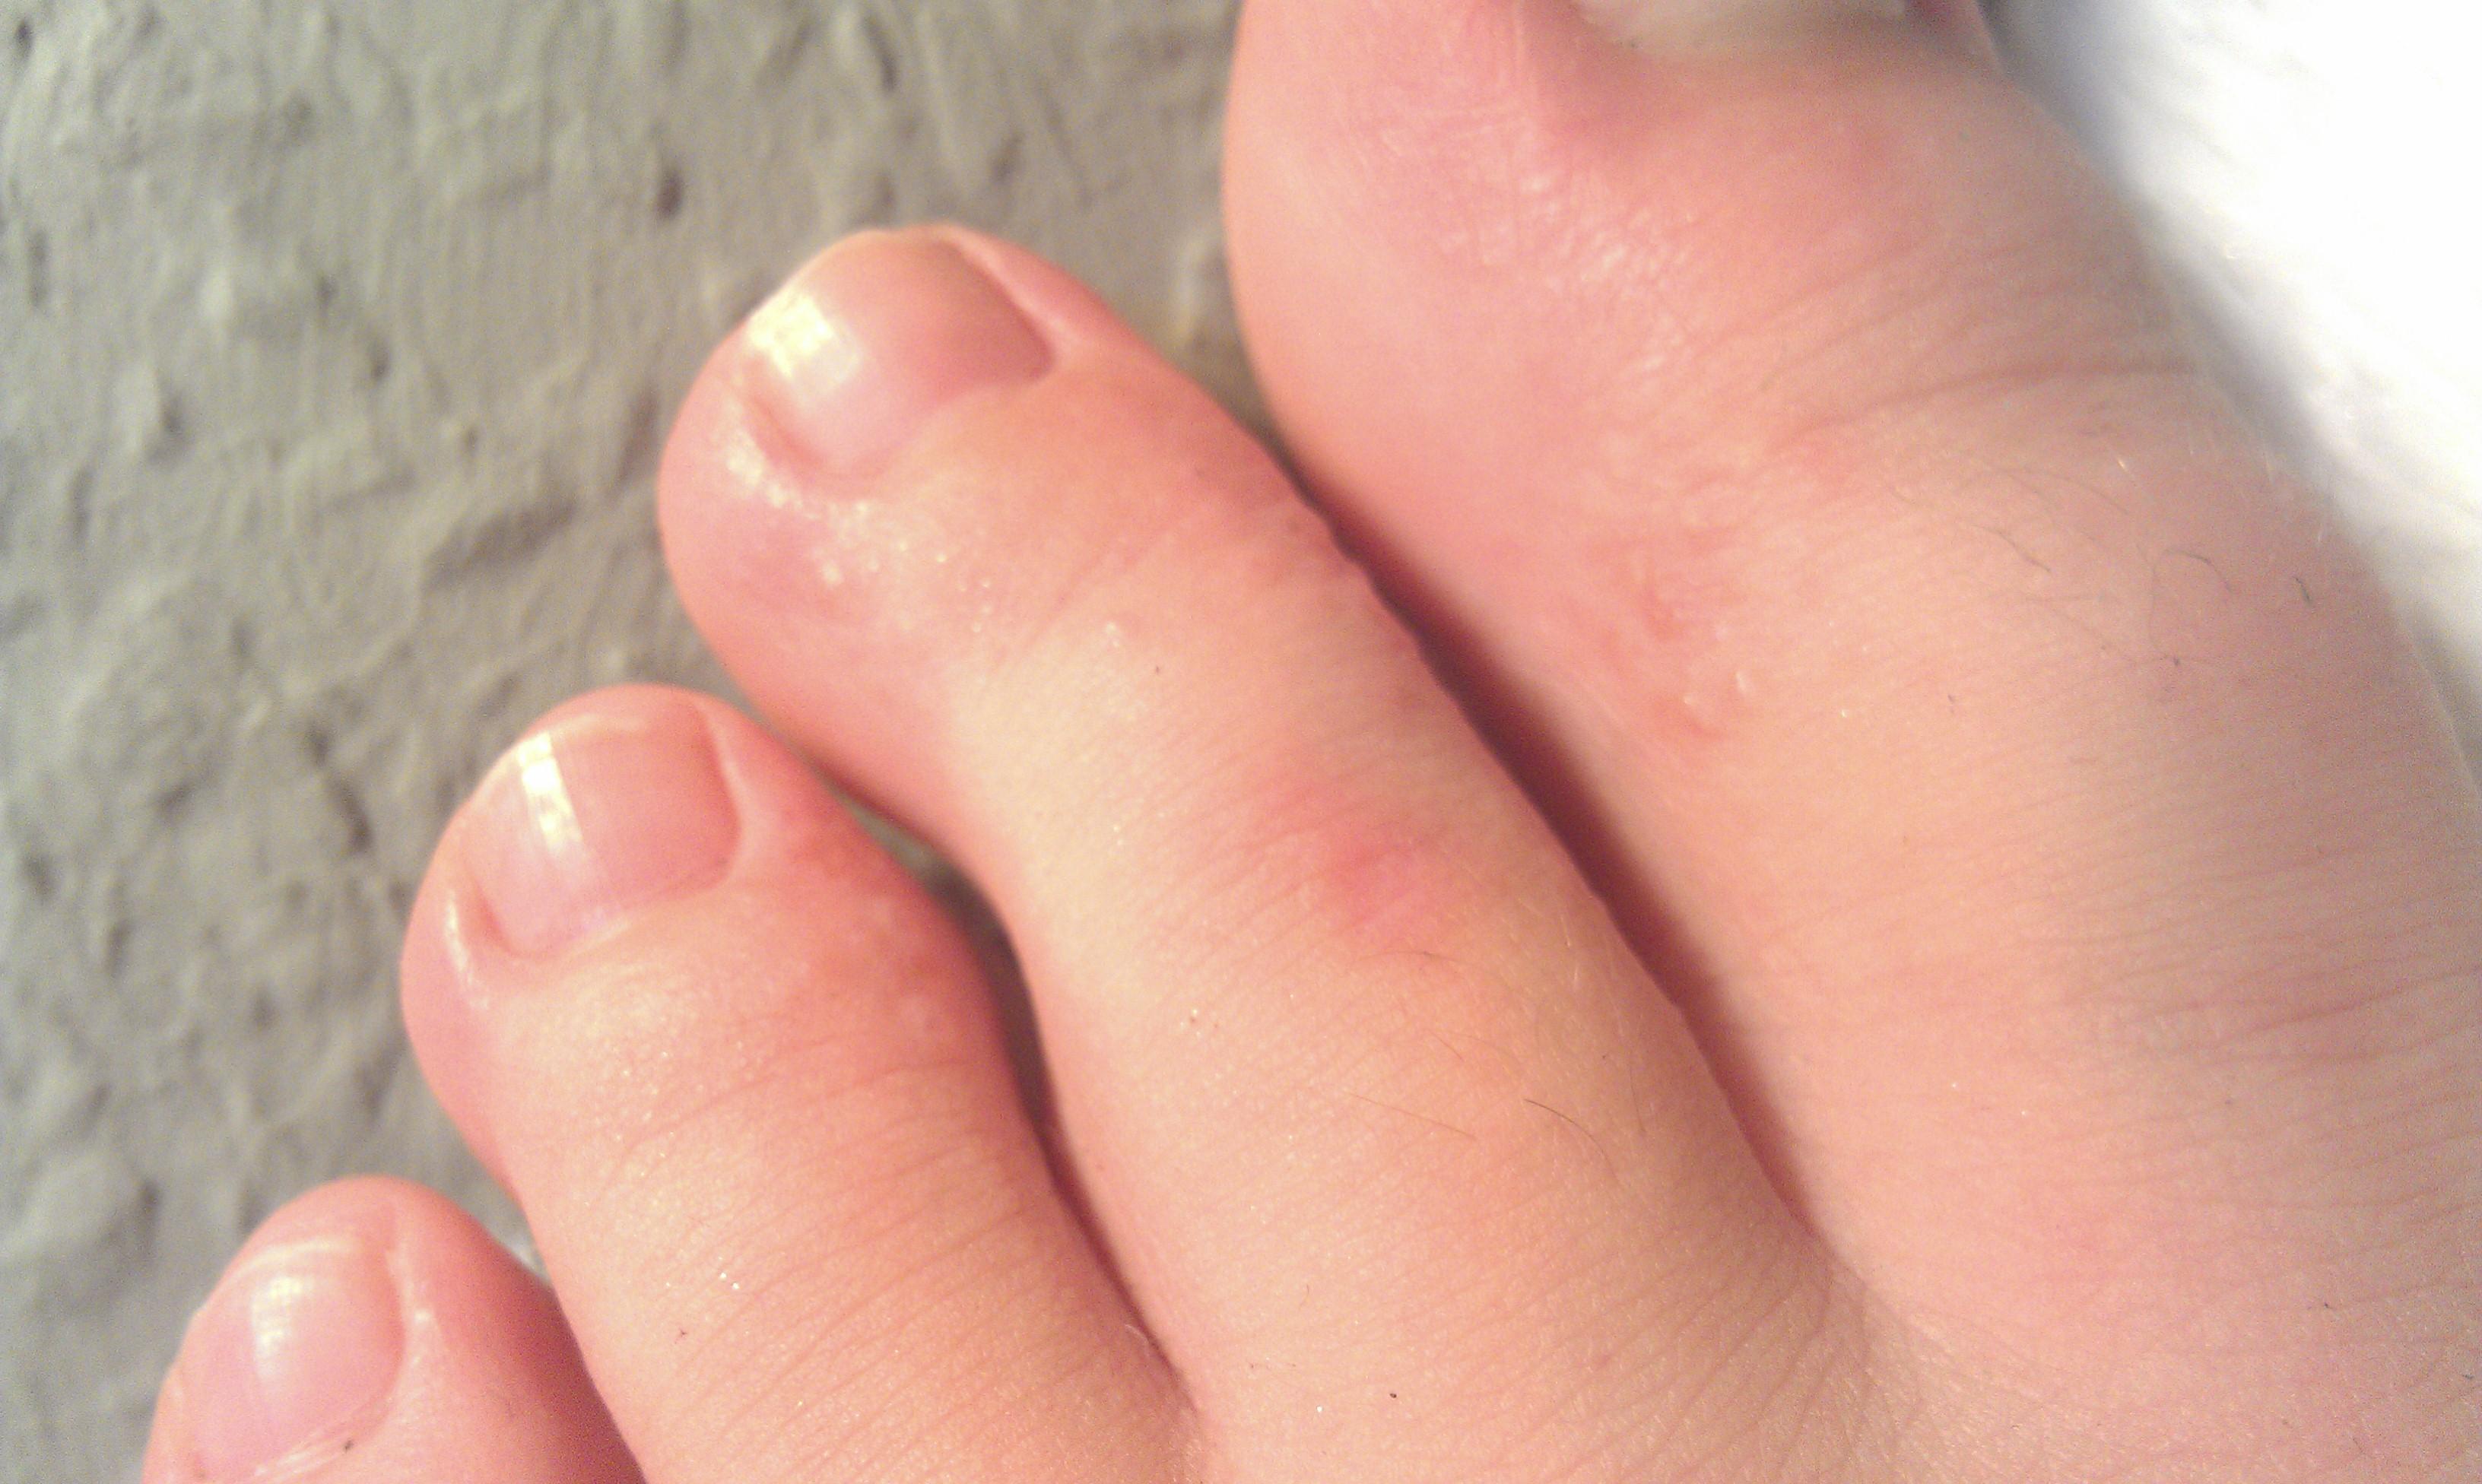 Die dunkle Pigmentation der Haut auf den Beinen